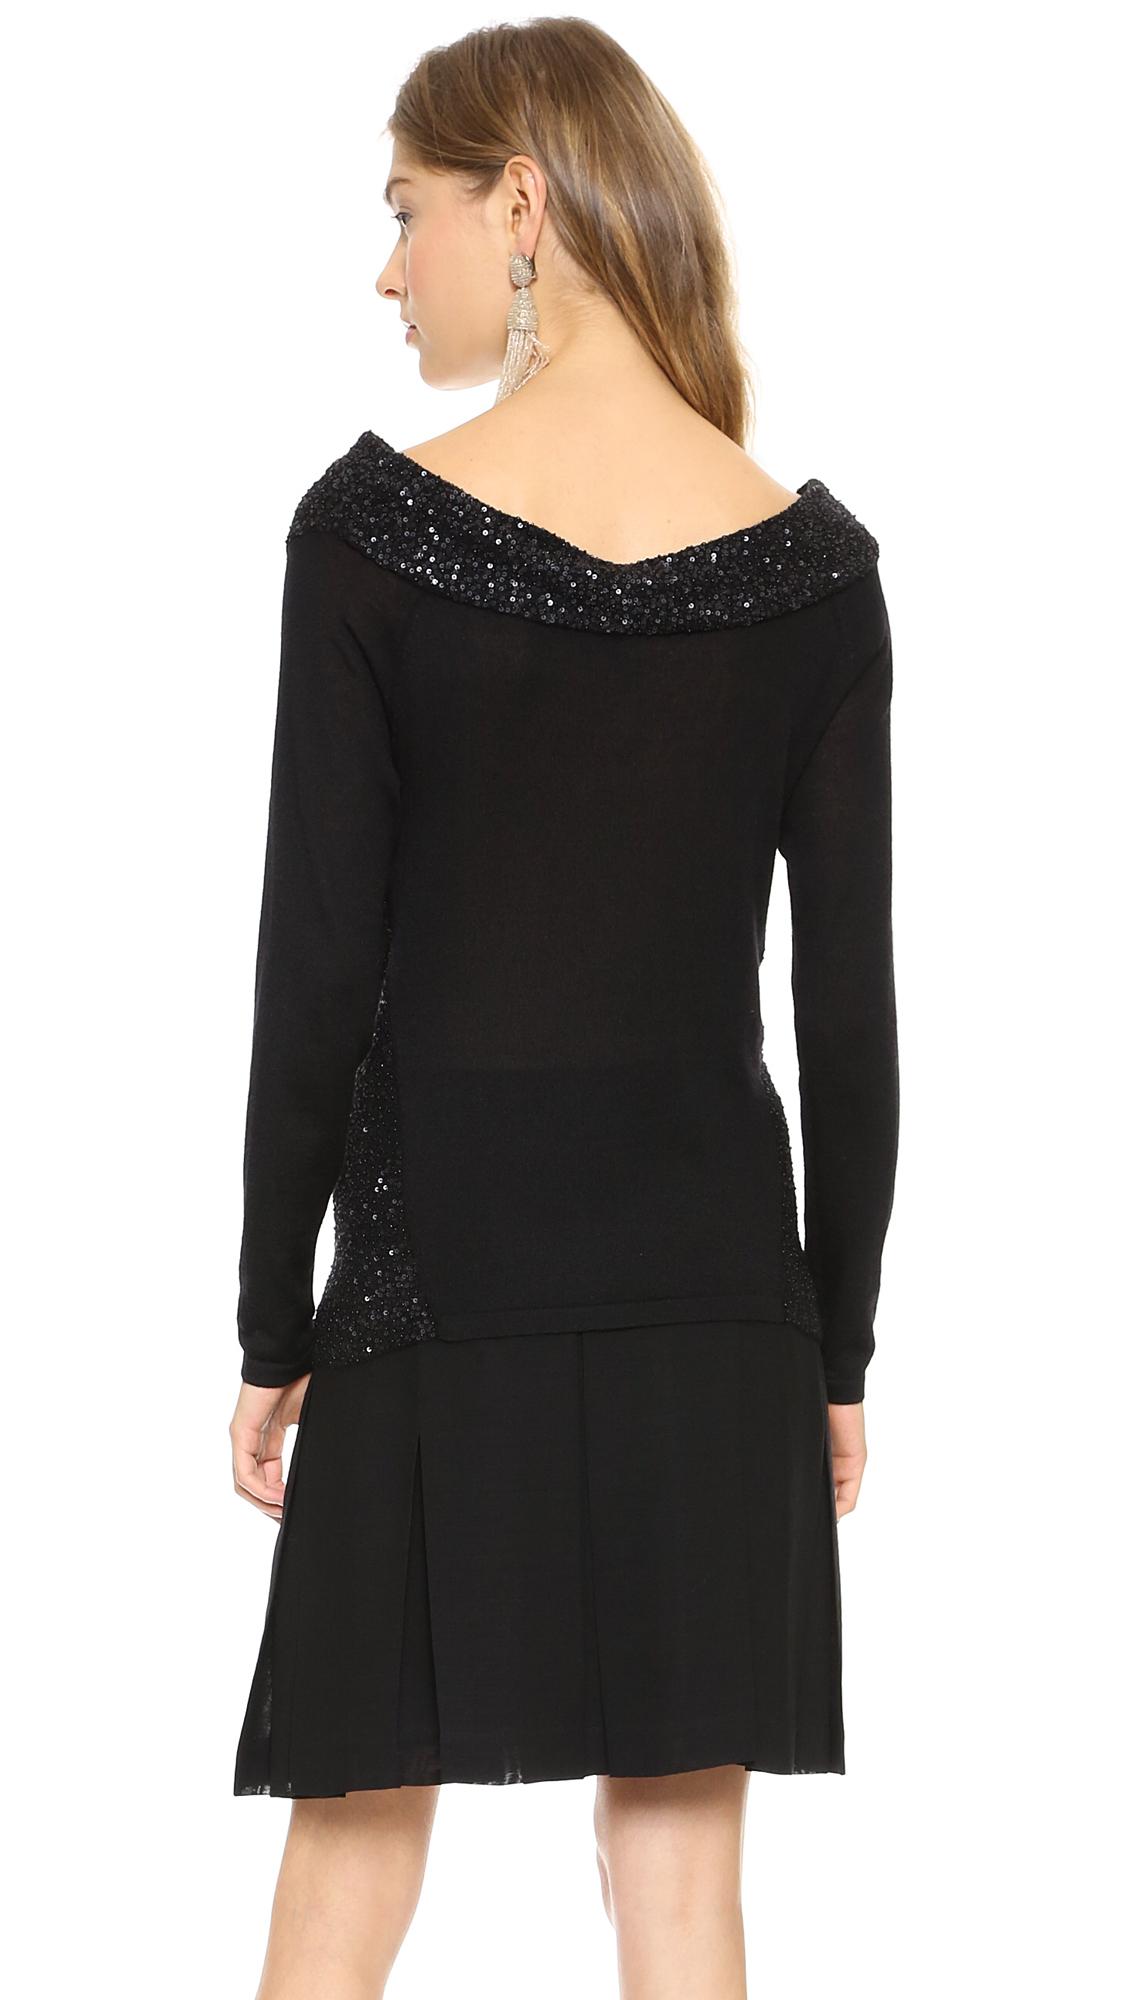 lyst donna karan off the shoulder cashmere sweater. Black Bedroom Furniture Sets. Home Design Ideas